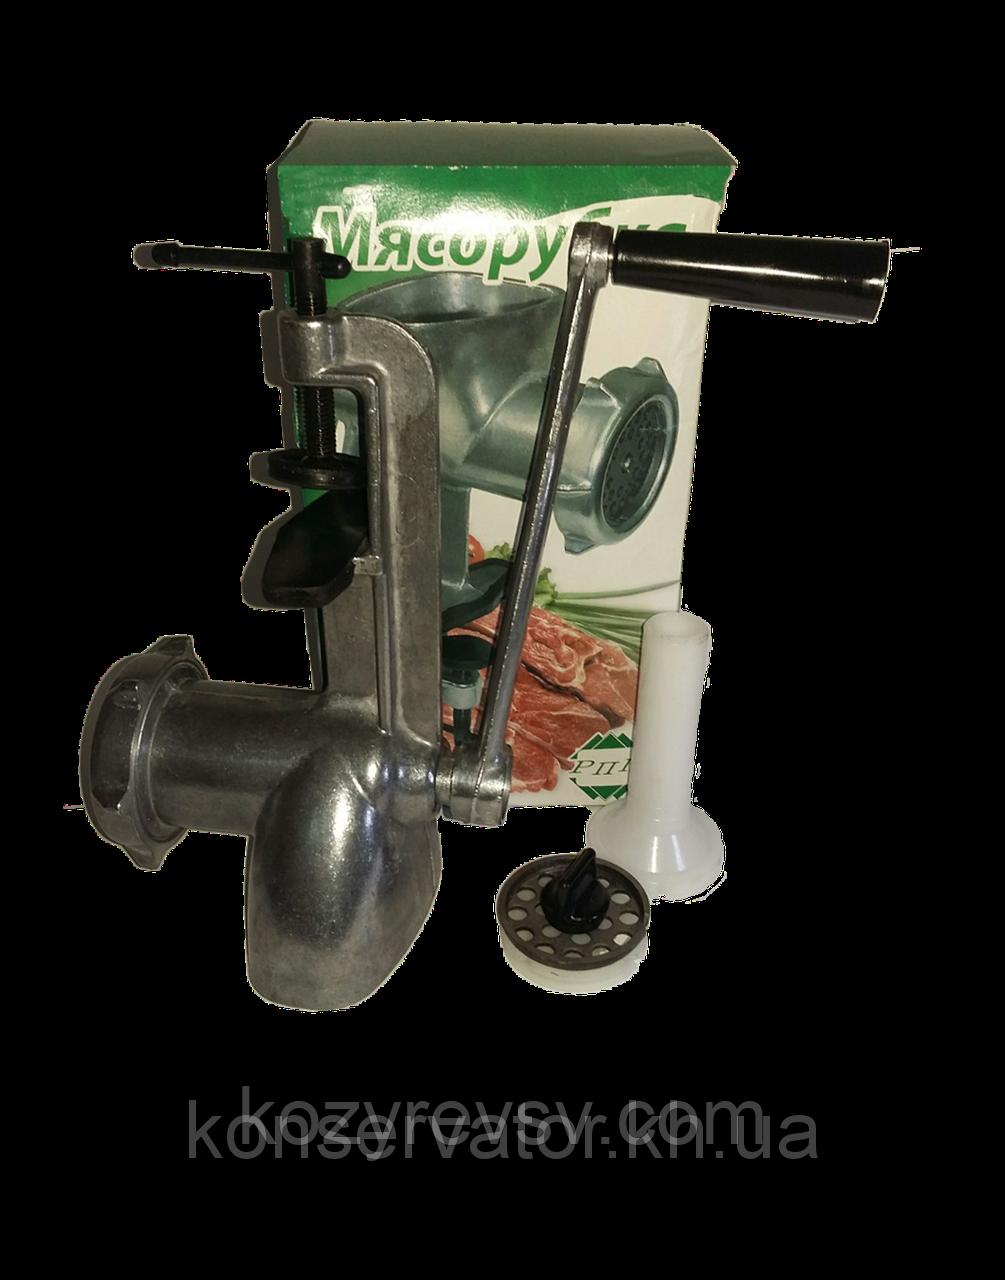 Мясорубка ручная РПП МА-С г.Ровно (алюмин) (Украина) продам постоянно оптом и в розницу, доставка из Харькова.